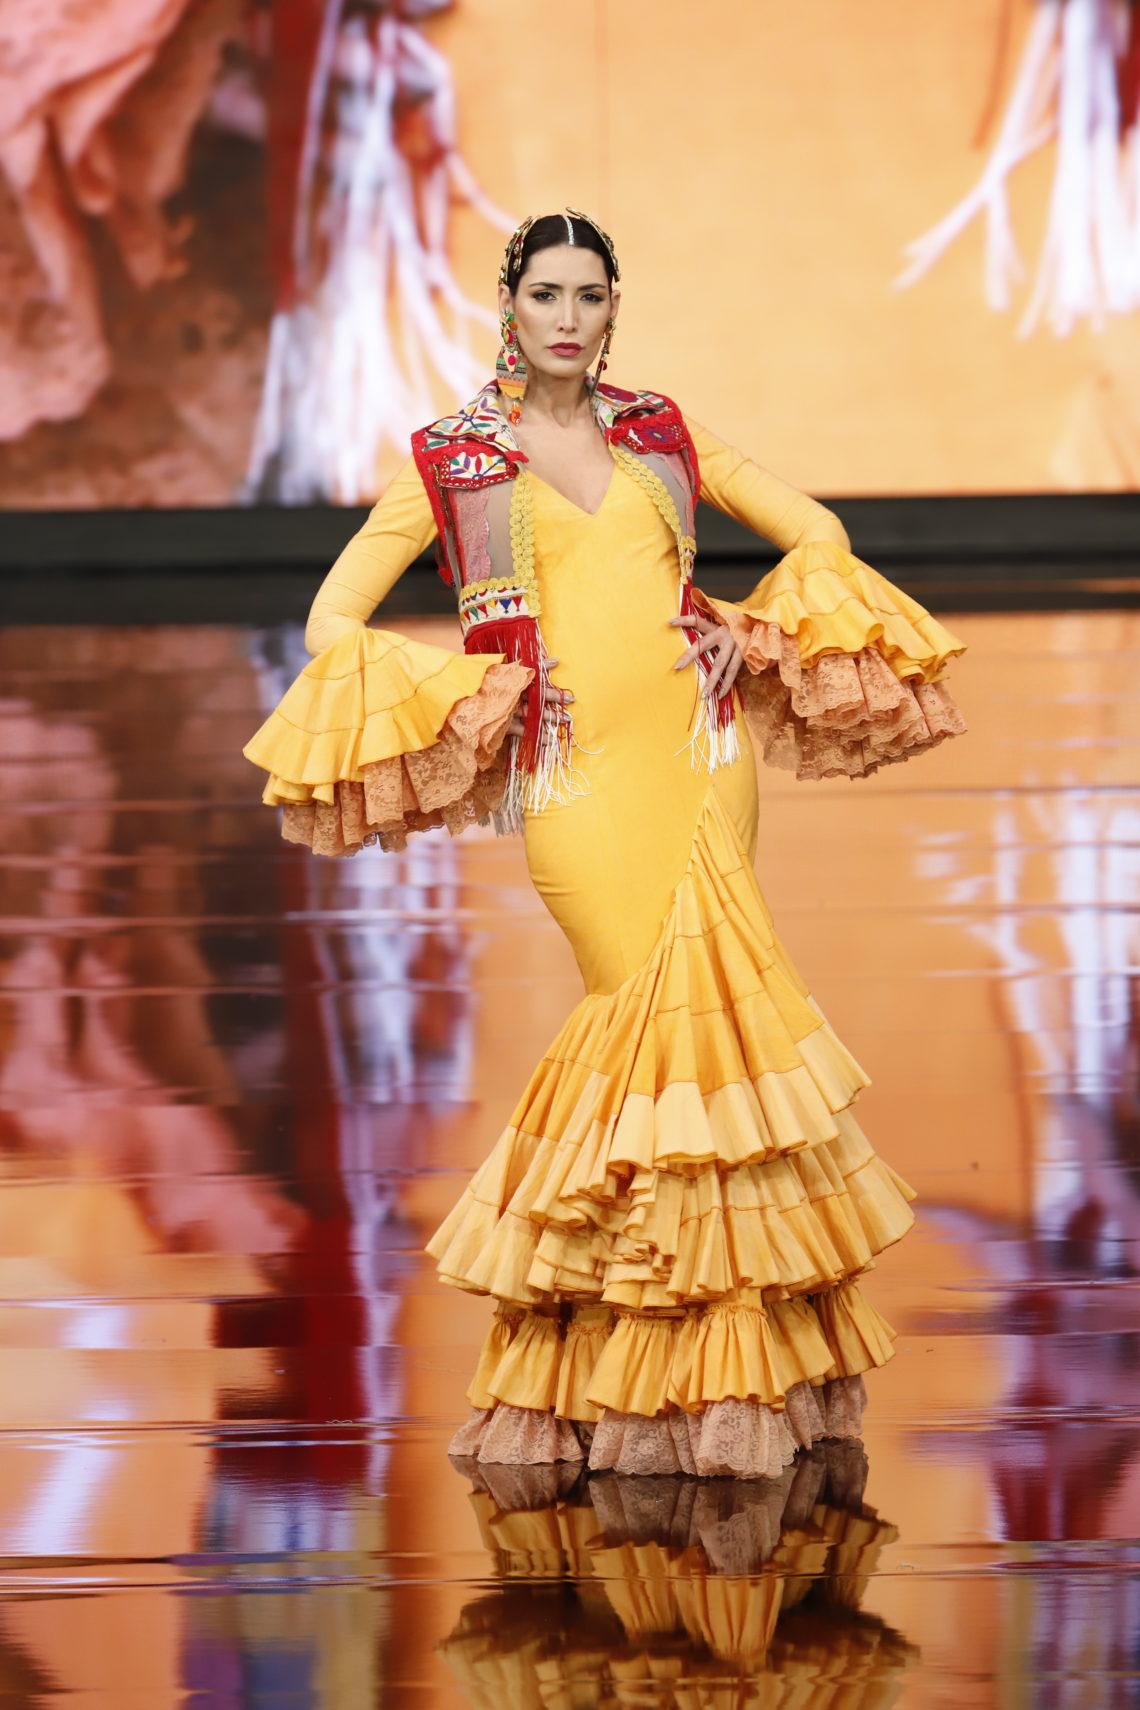 Flamenca en la pasarela con traje amarillo y chaleco granate